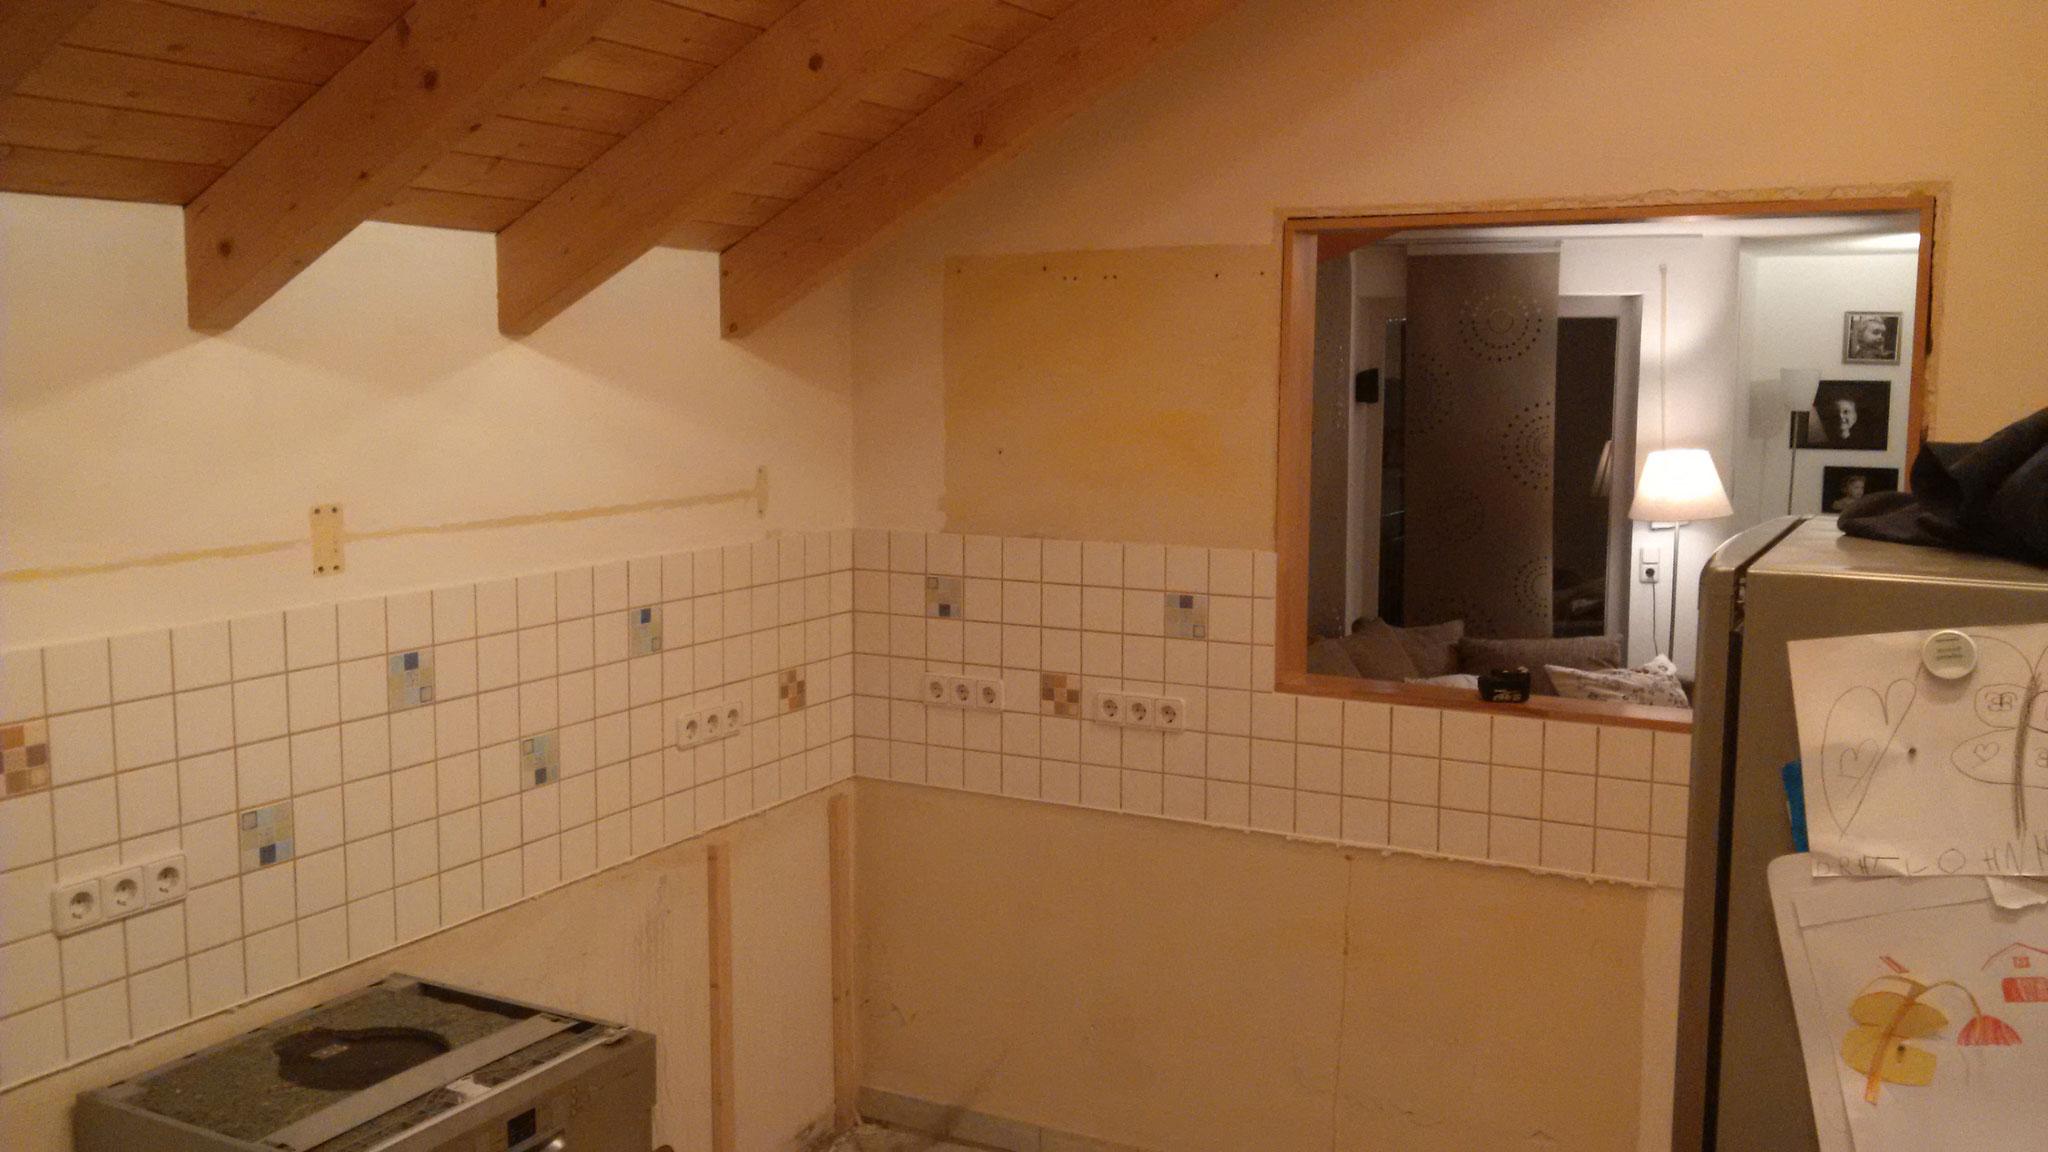 Abbruch der Trennwand zwischen Wohnzimmer und Küche